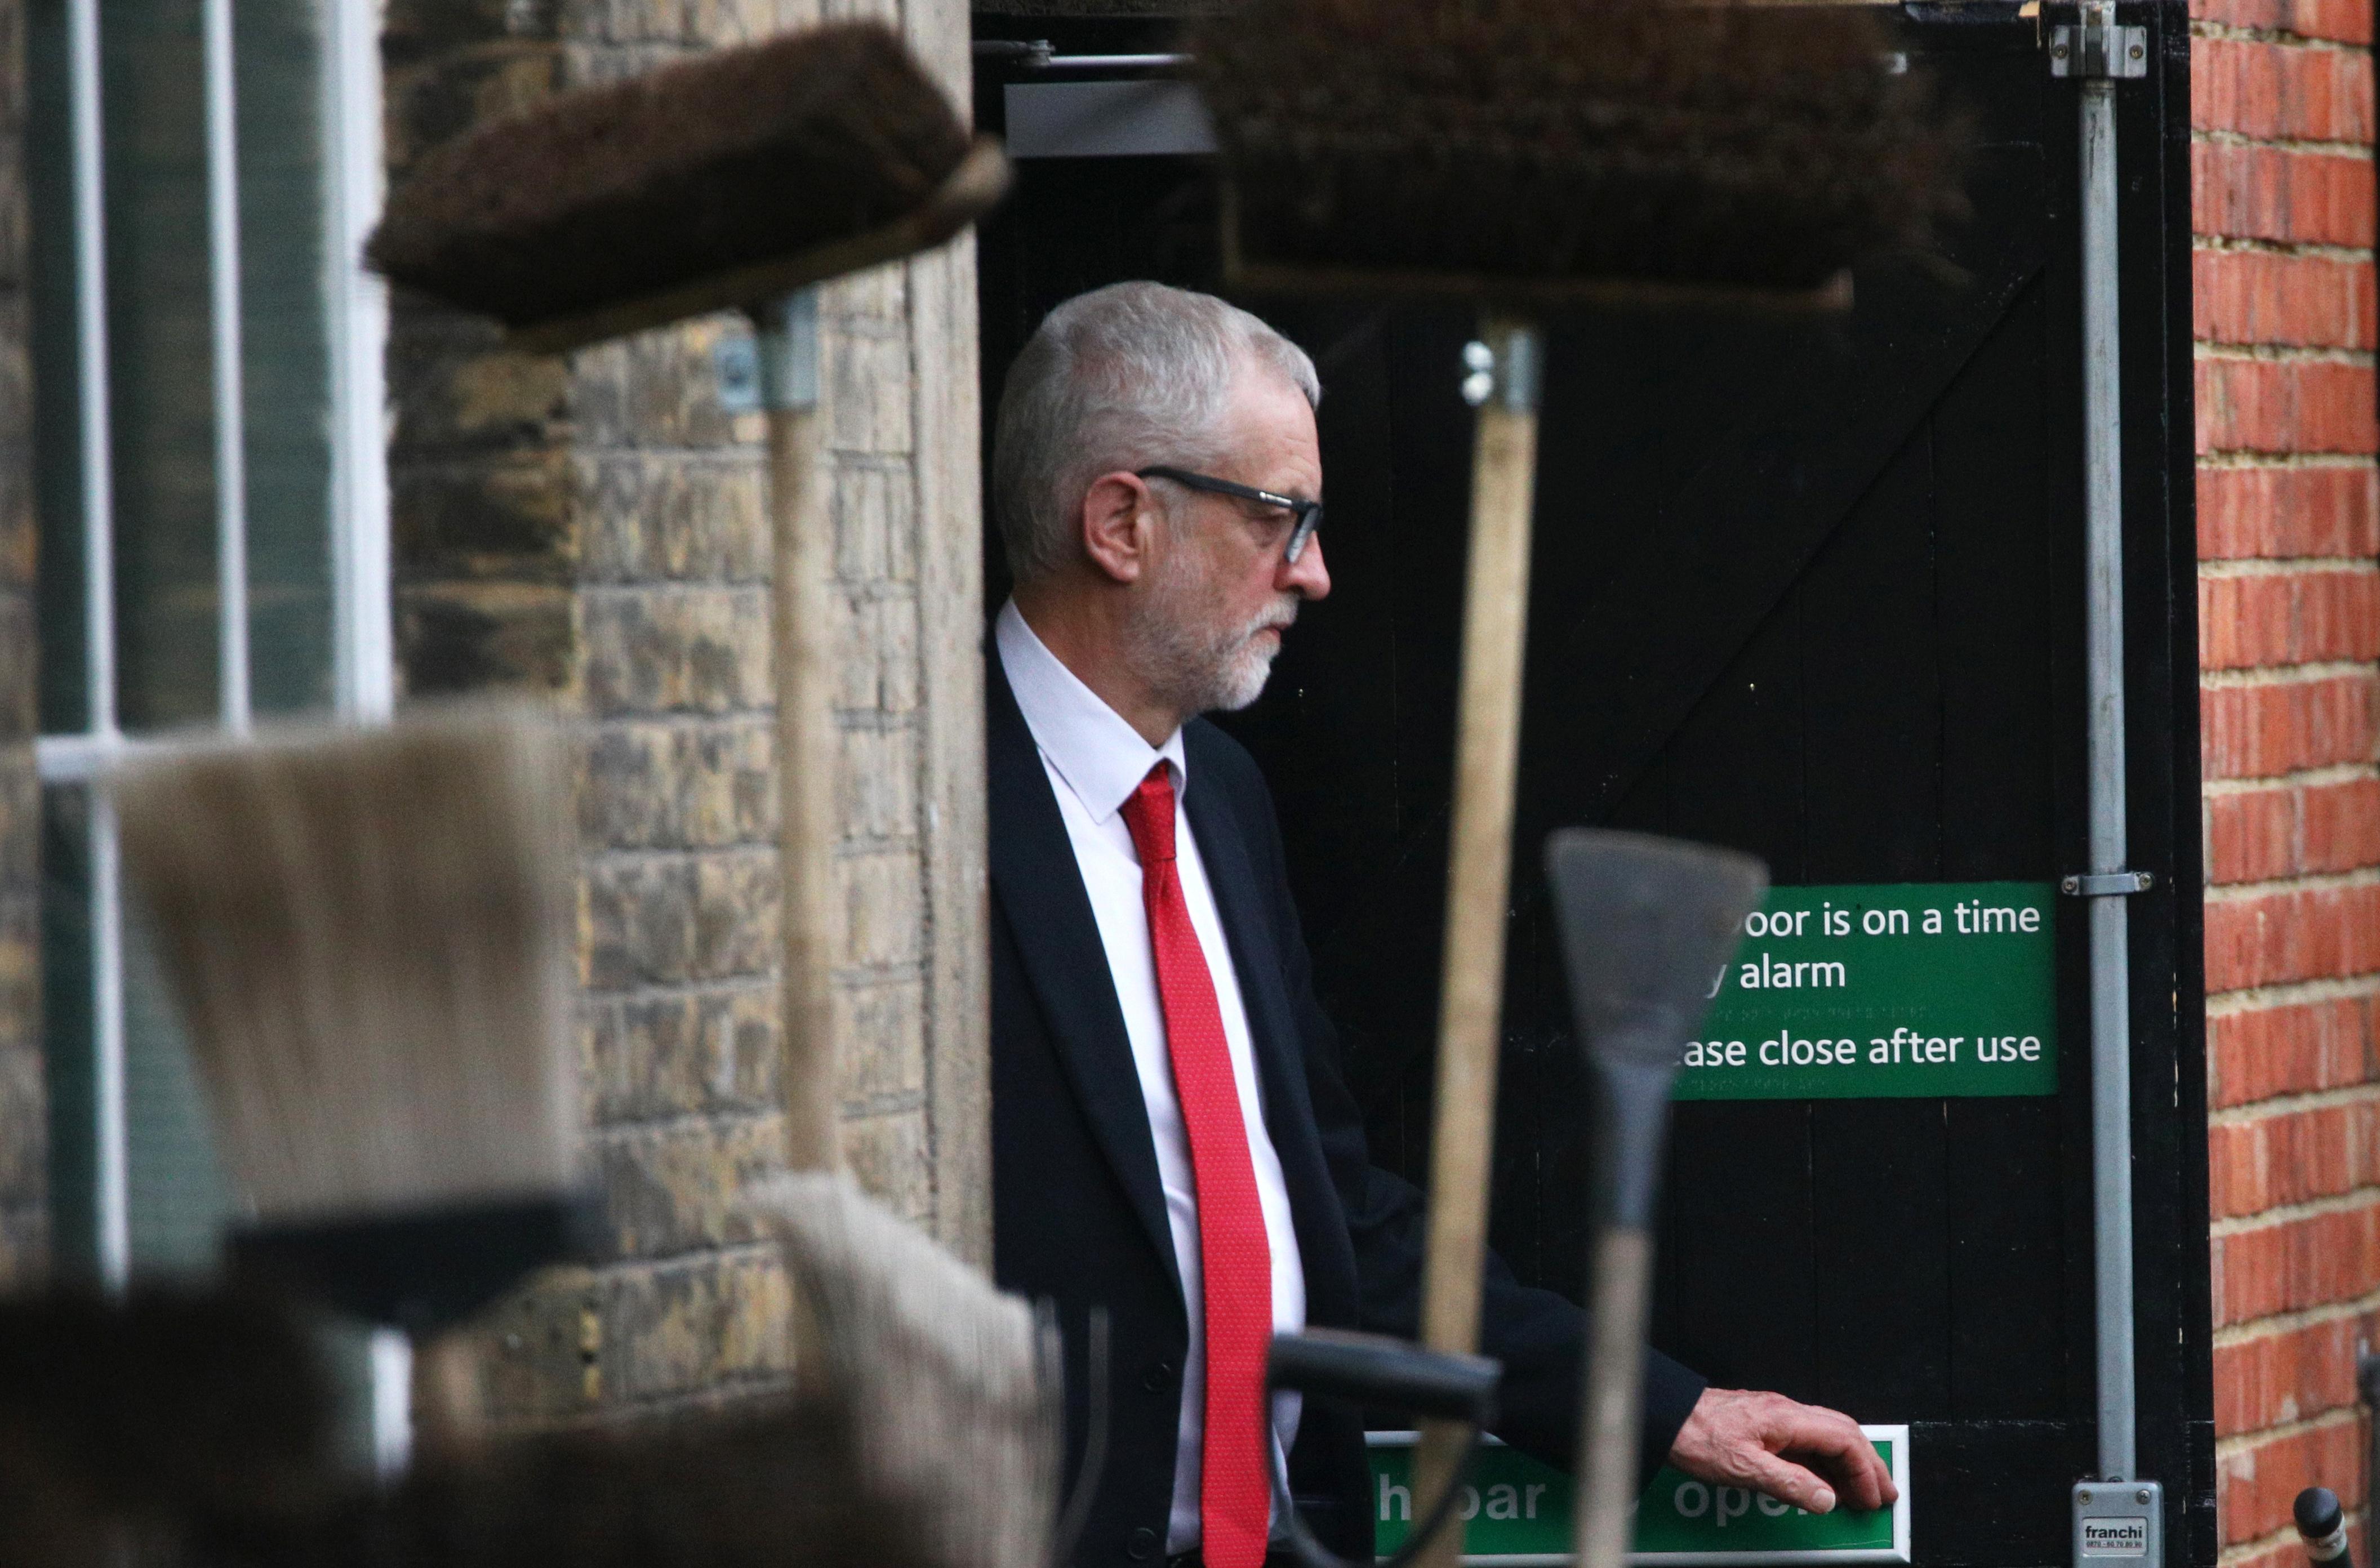 Εκλογές στη Βρετανία: Οι Εργατικοί αναζητούν τα αίτια της ήττας τους